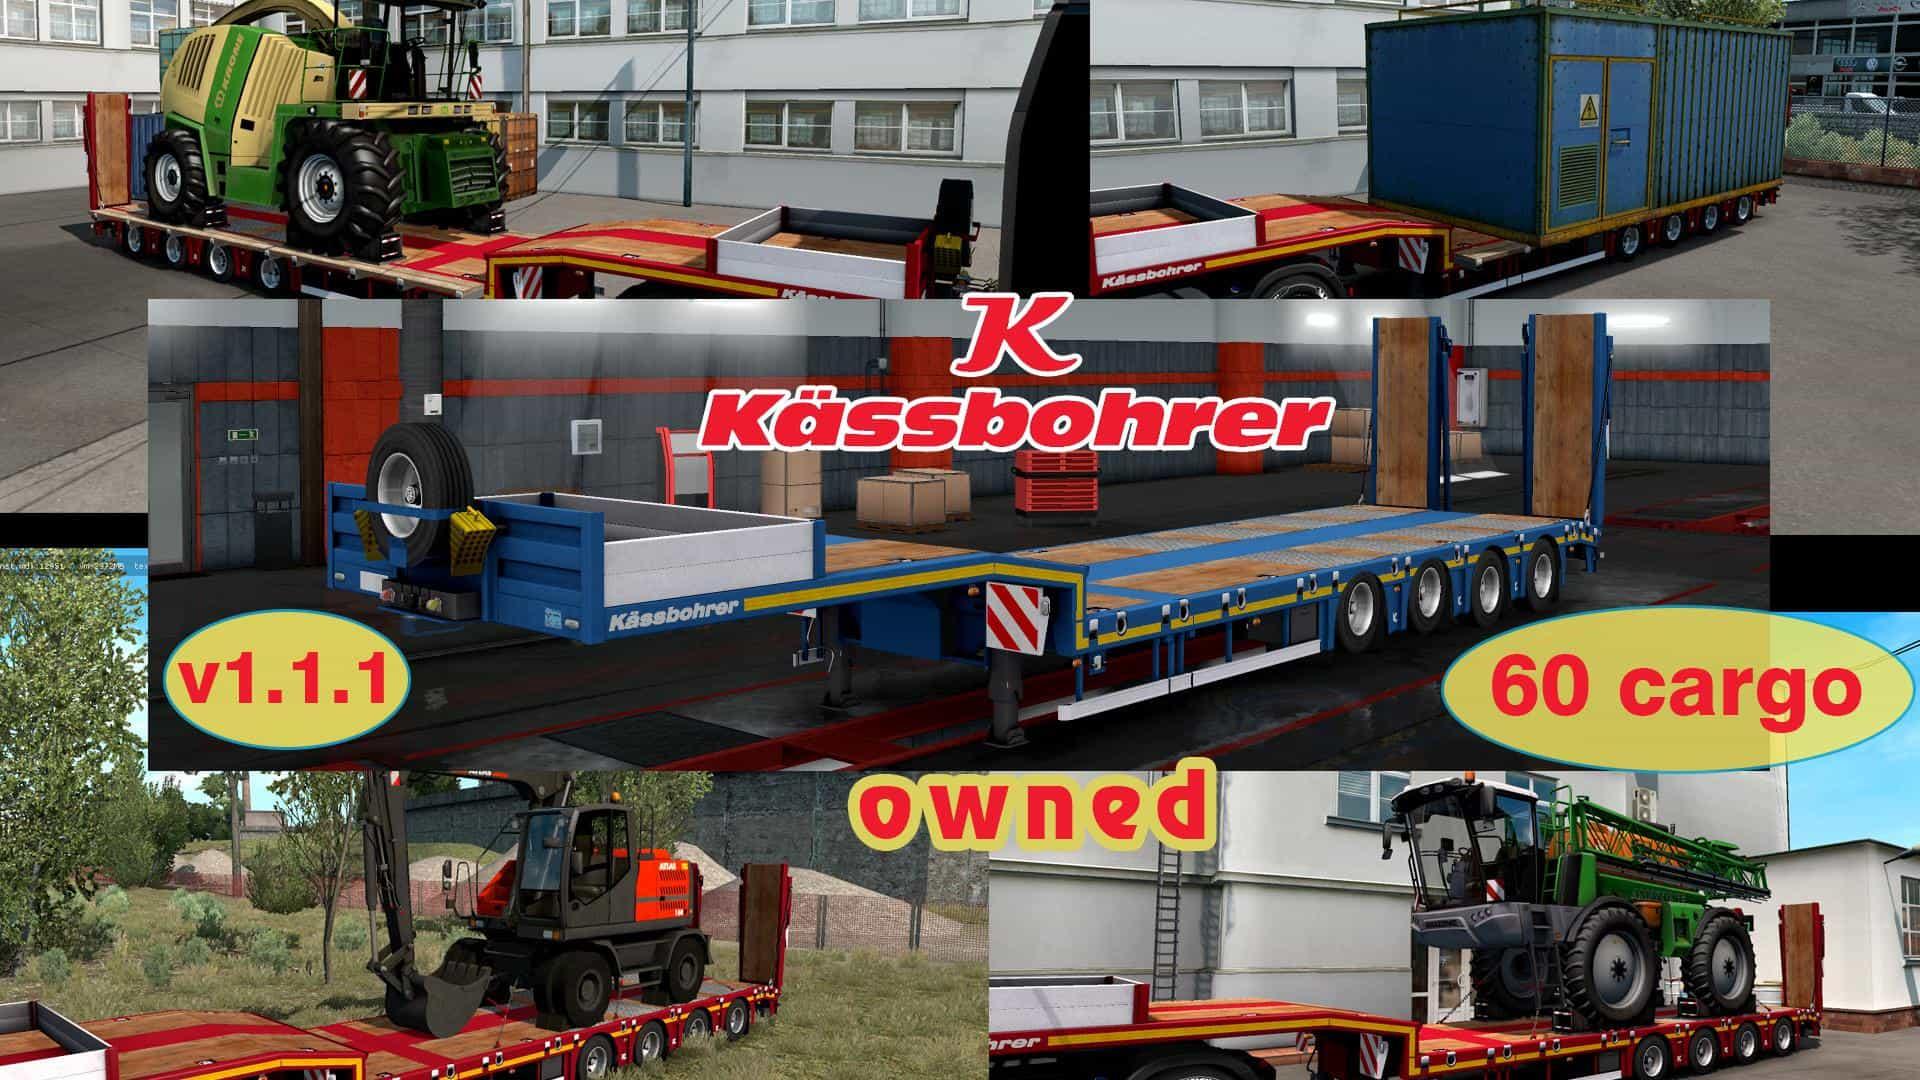 OWNABLE OVERWEIGHT TRAILER KASSBOHRER LB4E V1 1 1 ETS2 - ETS2 Mod